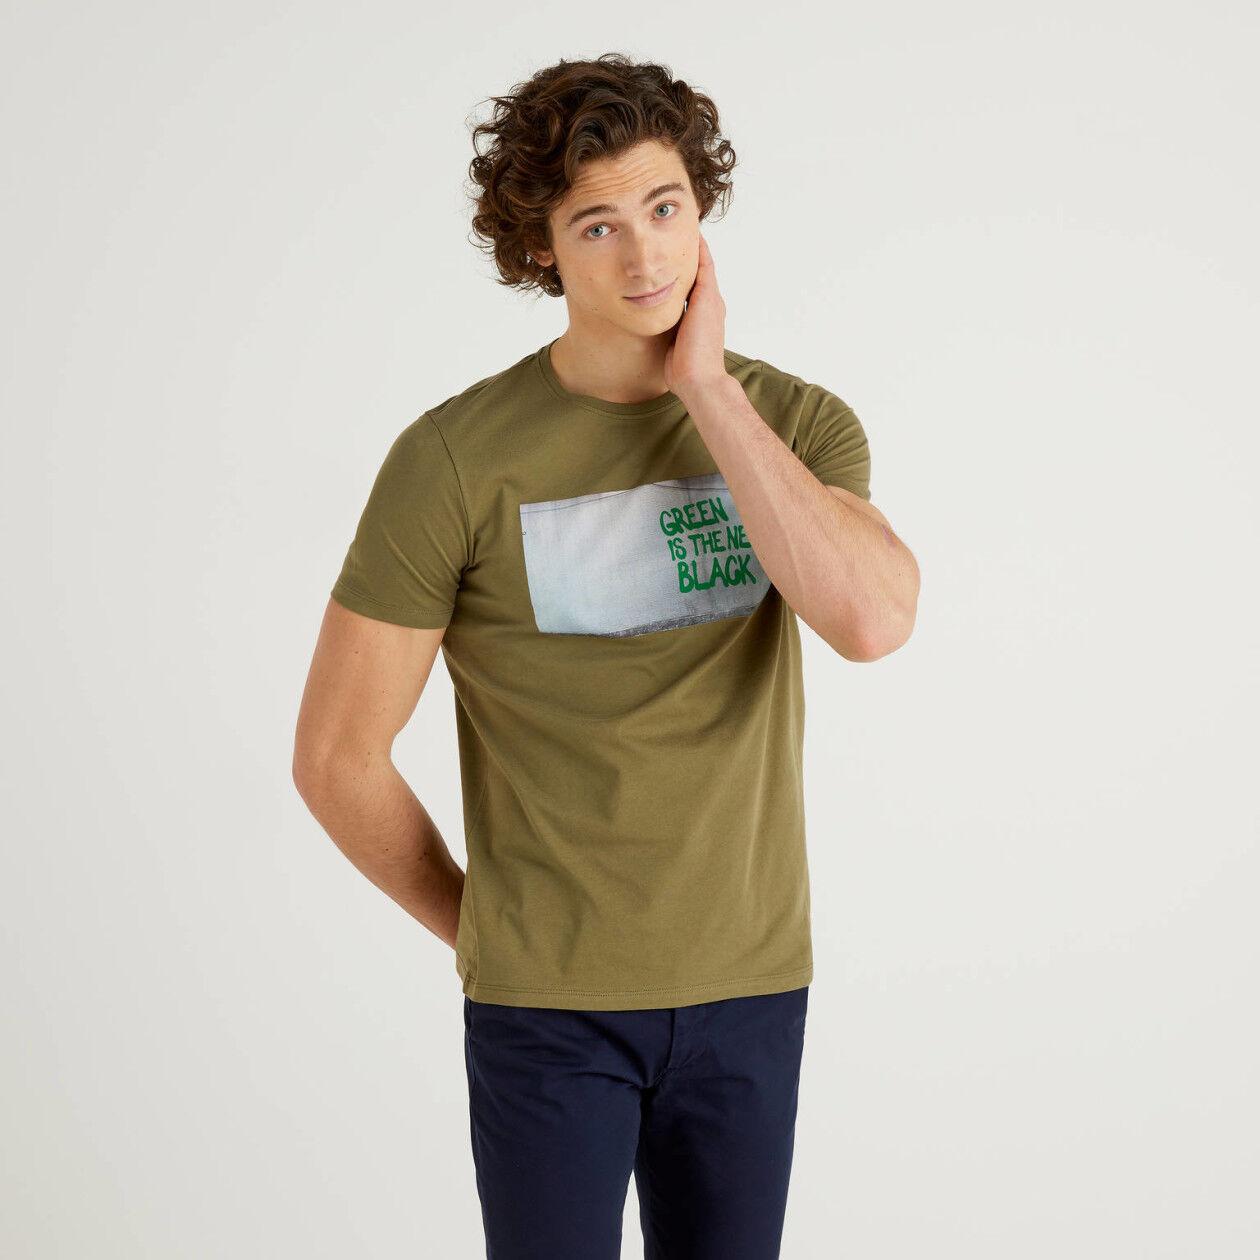 T-shirt 100% algodão com slogan